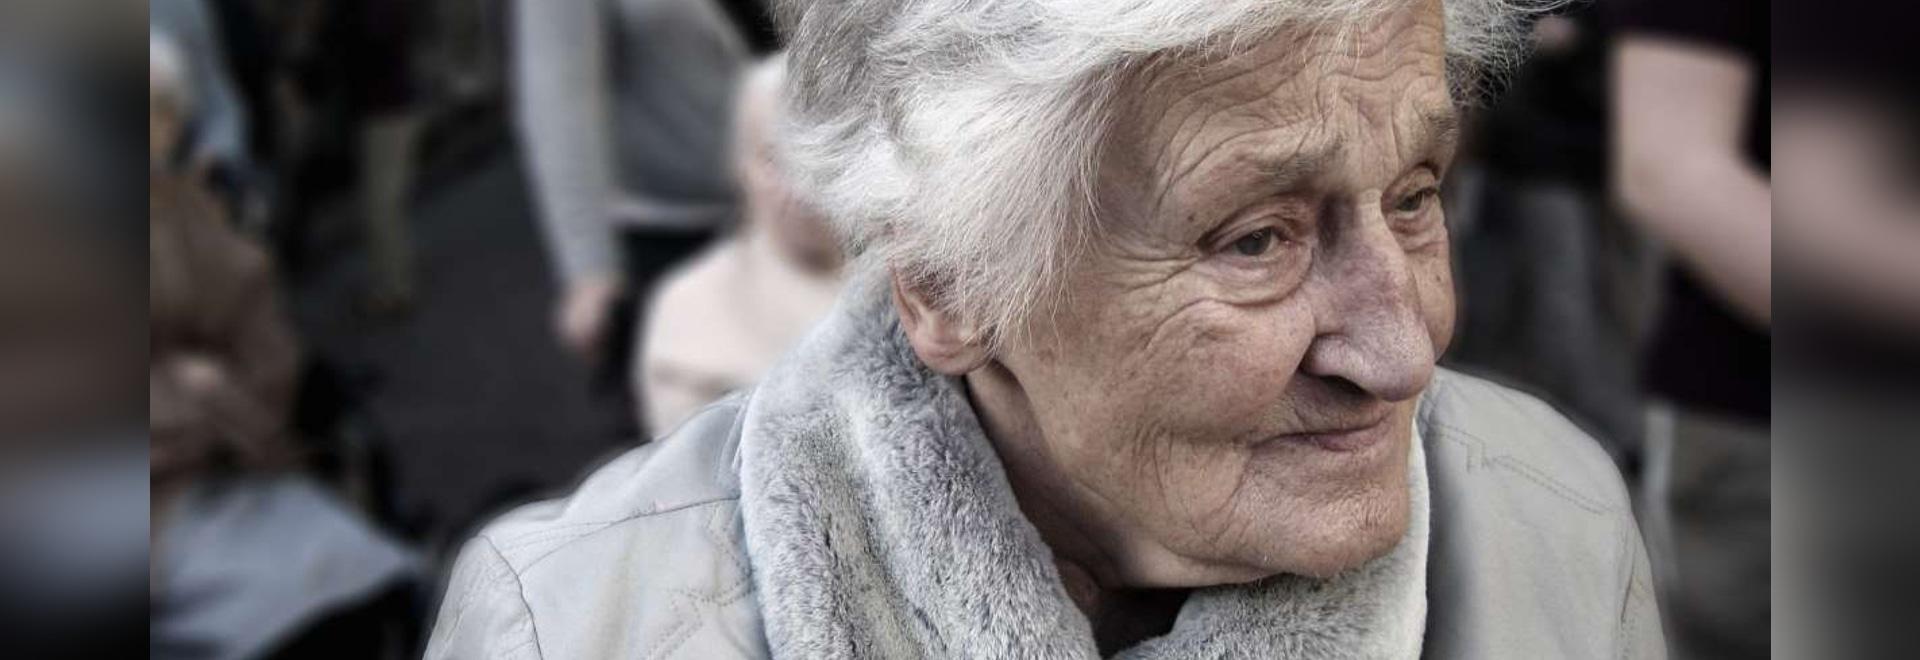 Patente otorgada a dispositivo con potencial para detectar síntomas tempranos de Alzheimer